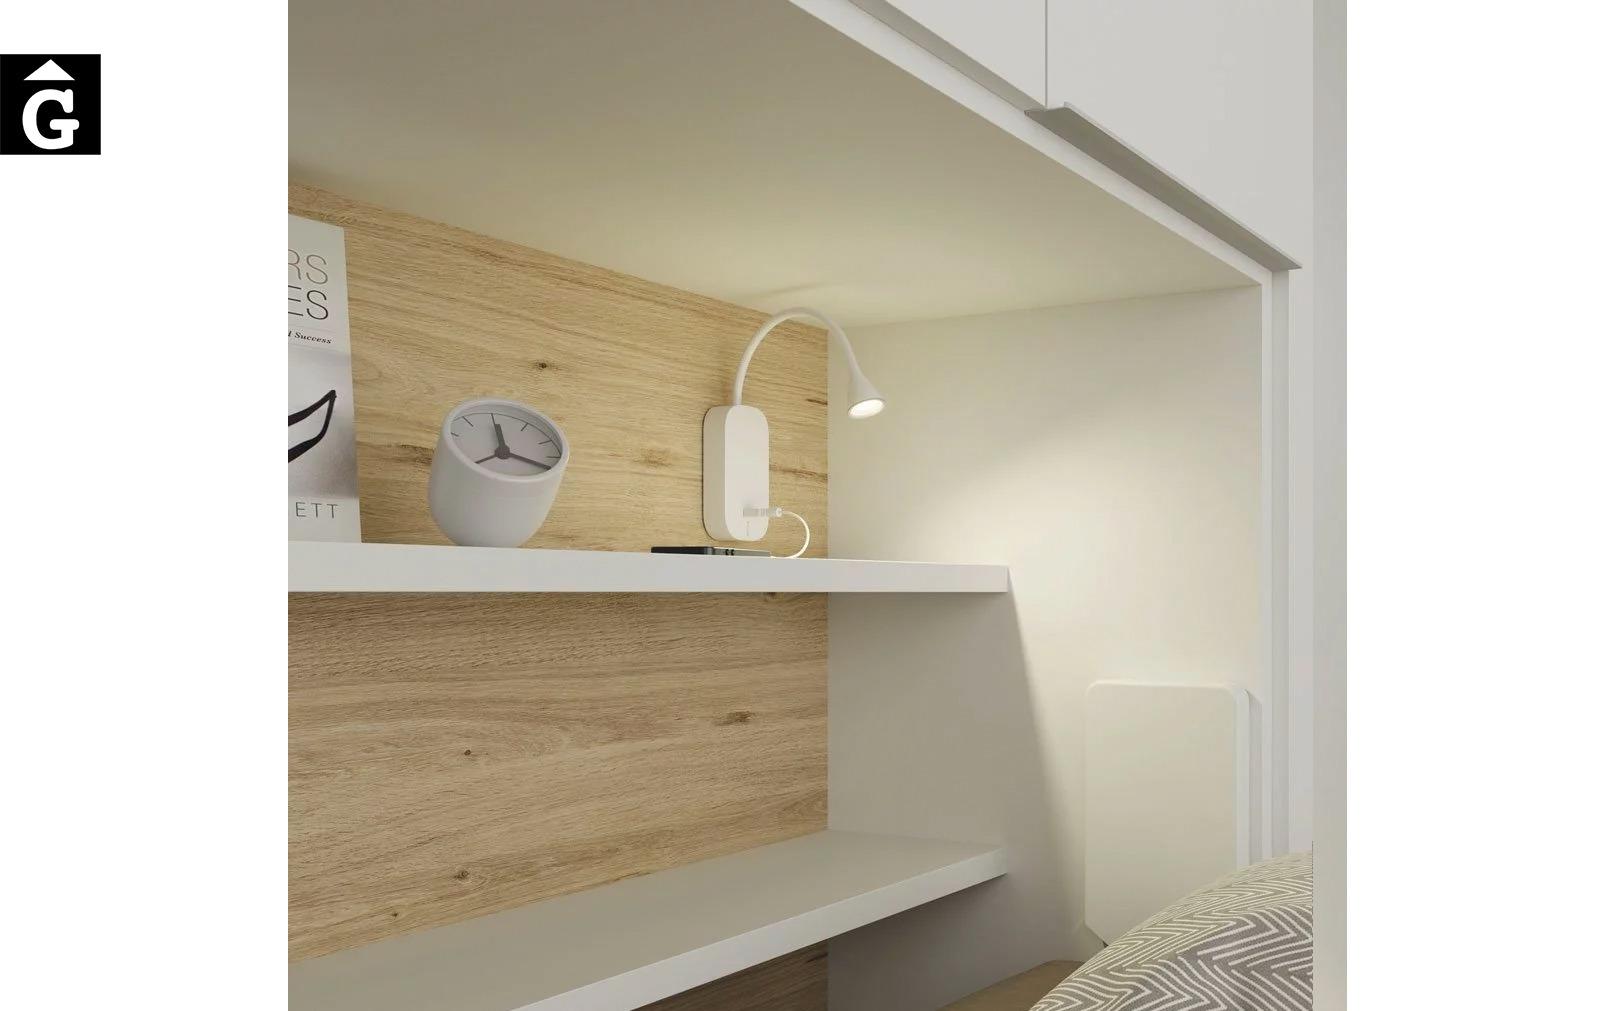 Habitació estudi amb armari llit abatible | detall làmpara led | Up & Down | llits abatibles | Pràctics, saludables i segurs | Jotajotape | mobles Gifreu